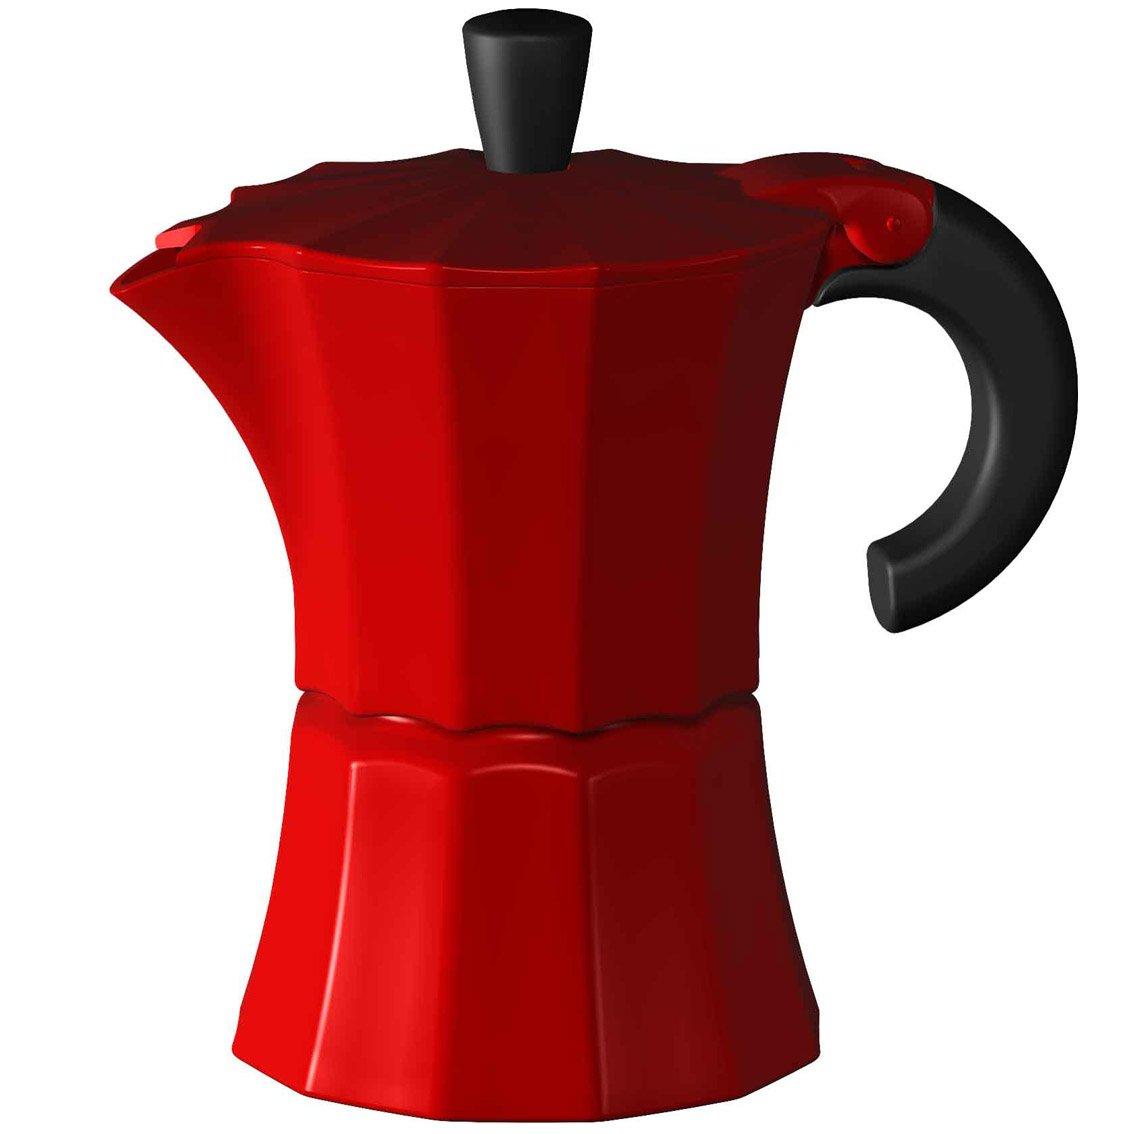 Gnali and Zani Morosina - Cafetera Italiana, 6 Tazas, Color Rojo: Amazon.es: Hogar